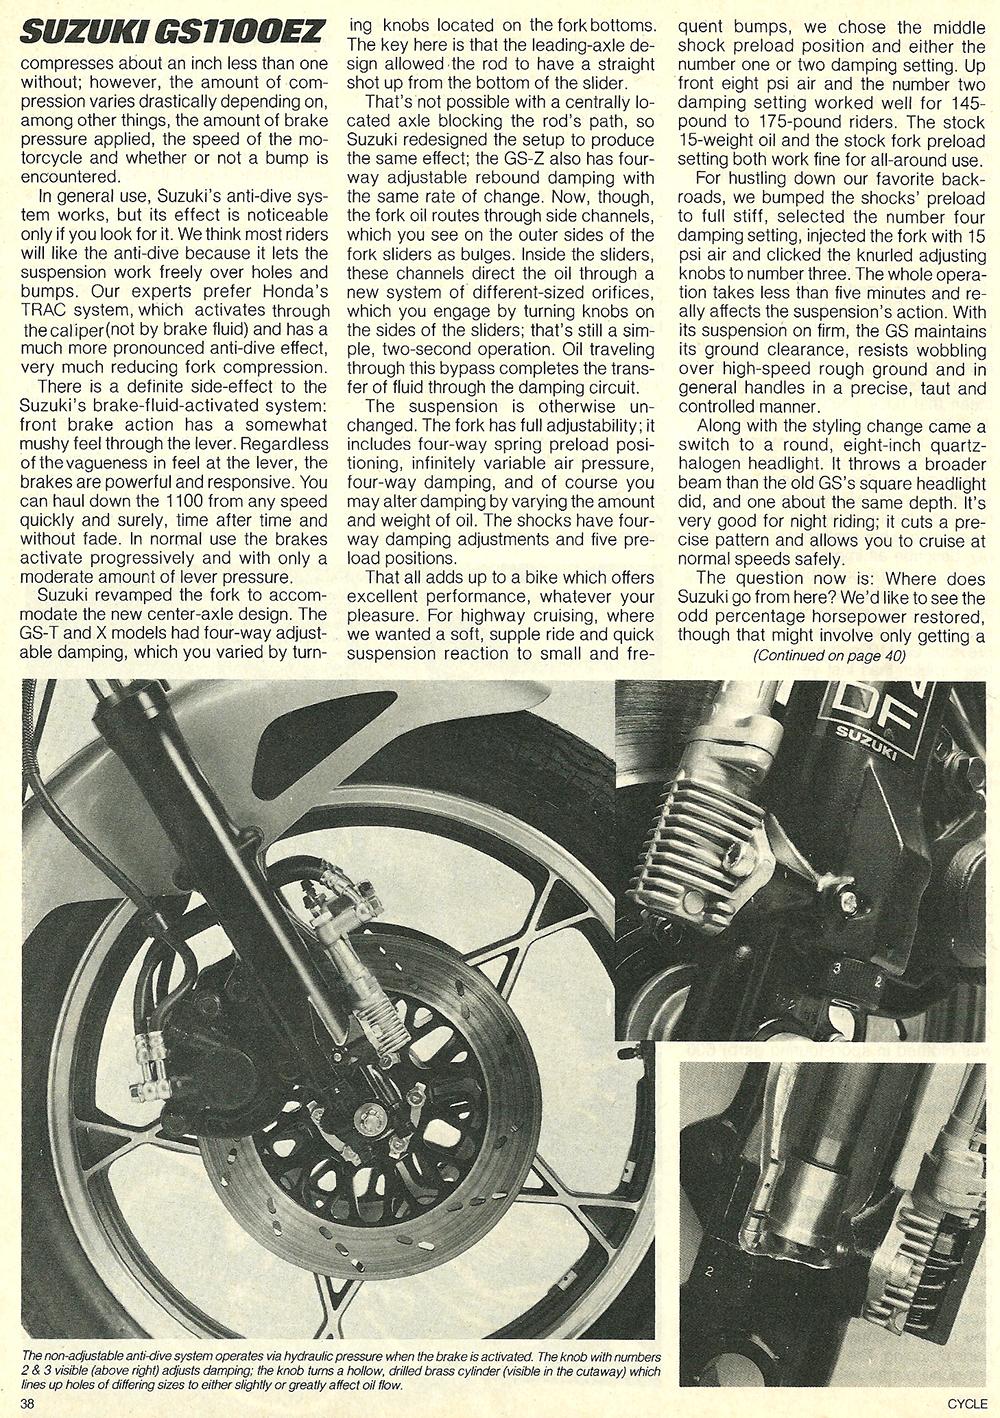 1982 Suzuki GS1100EZ road test 08.jpg